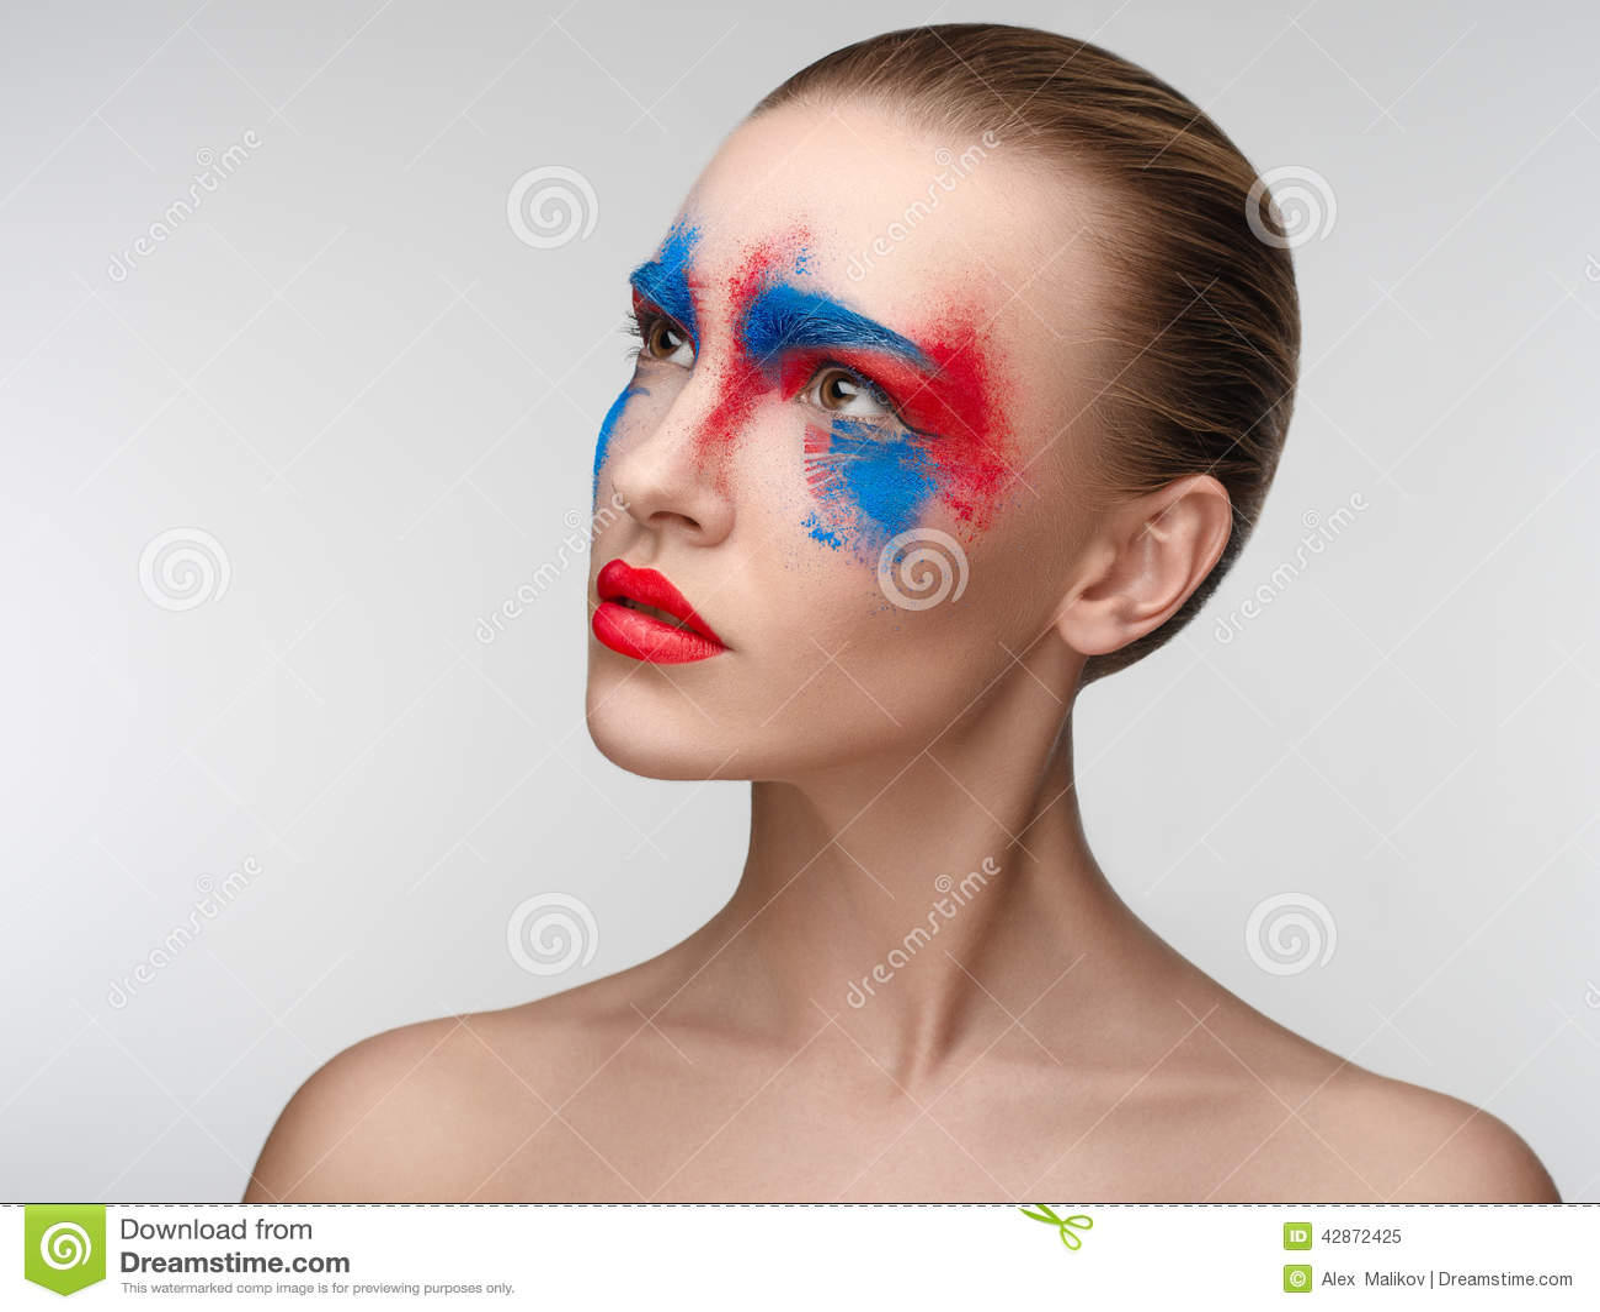 Makeup studio business plan